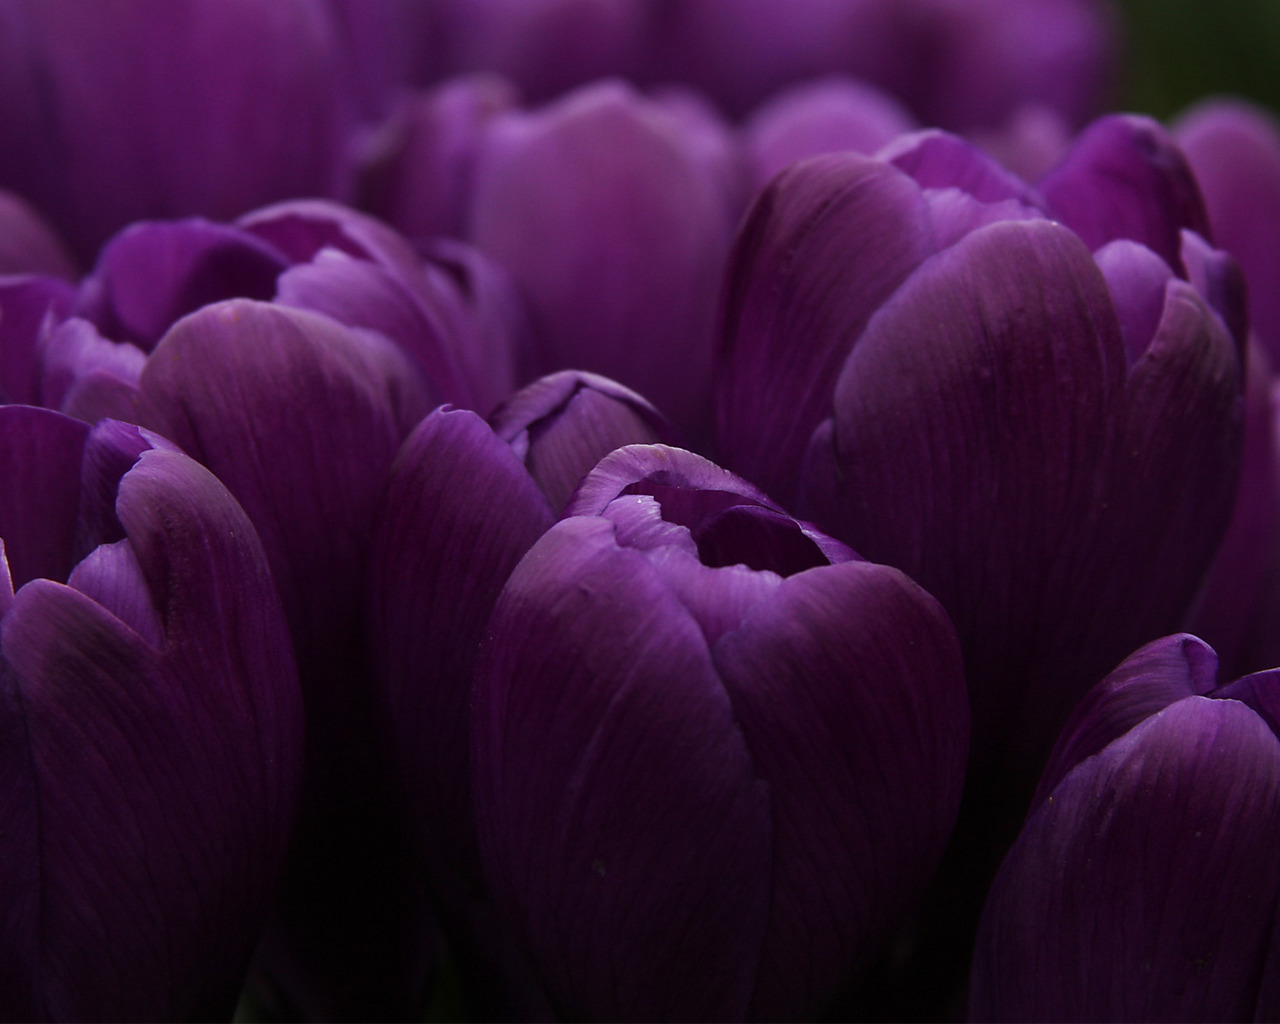 17953 скачать обои Растения, Цветы, Тюльпаны - заставки и картинки бесплатно